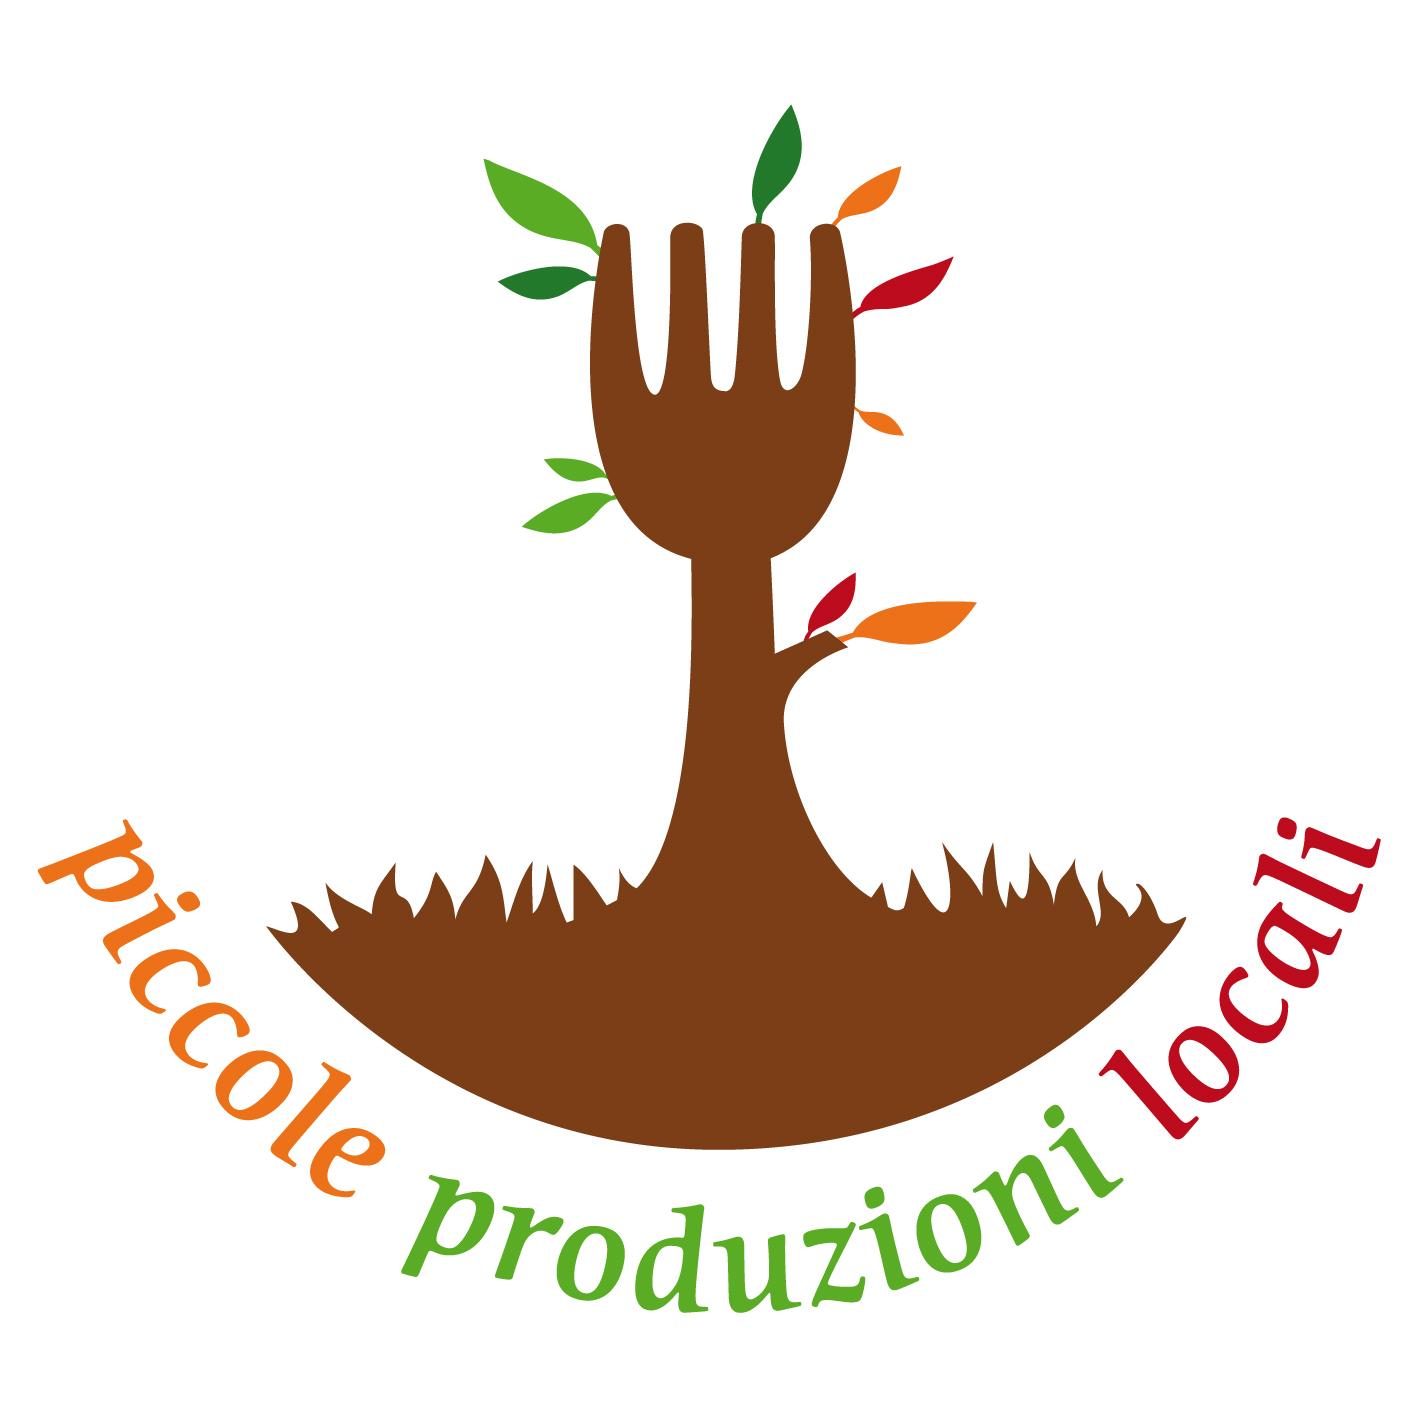 Piccole Produzioni Locali Veneto